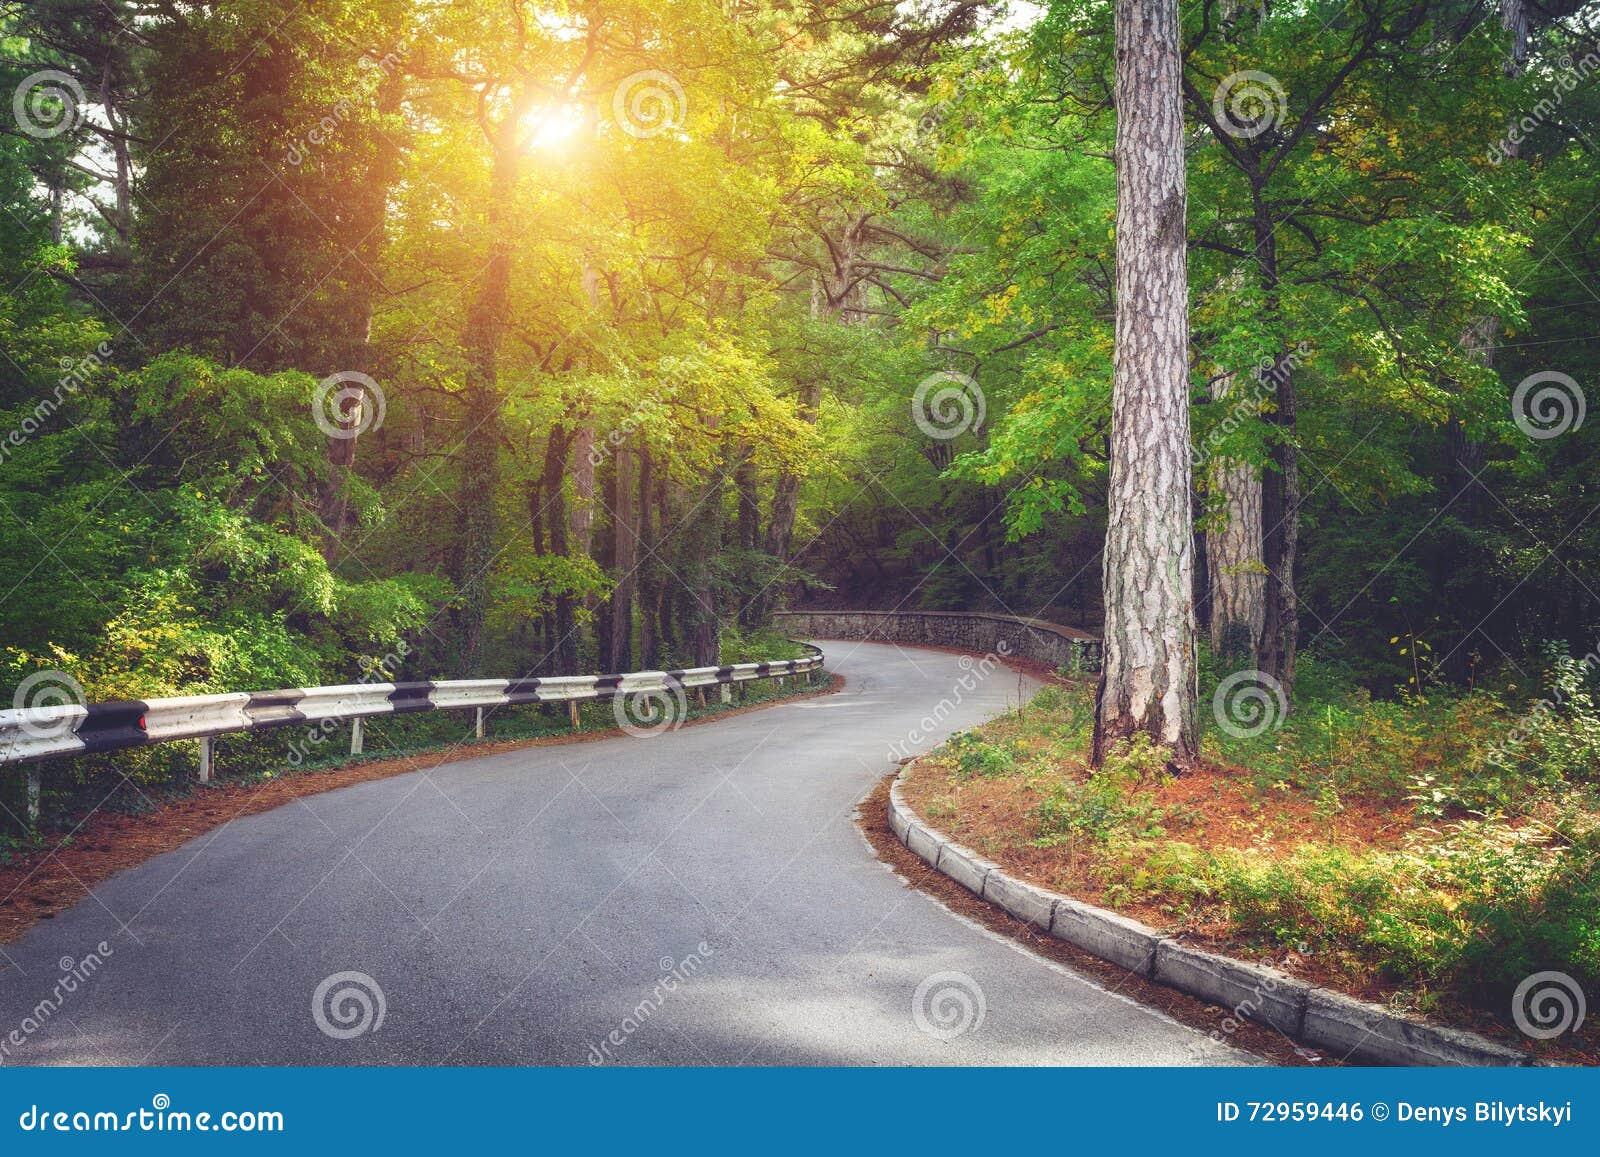 Красивый ландшафт с дорогой асфальта, зеленым лесом и дорожным знаком на красочном восходе солнца в лете лето сосенки 2008 крымск